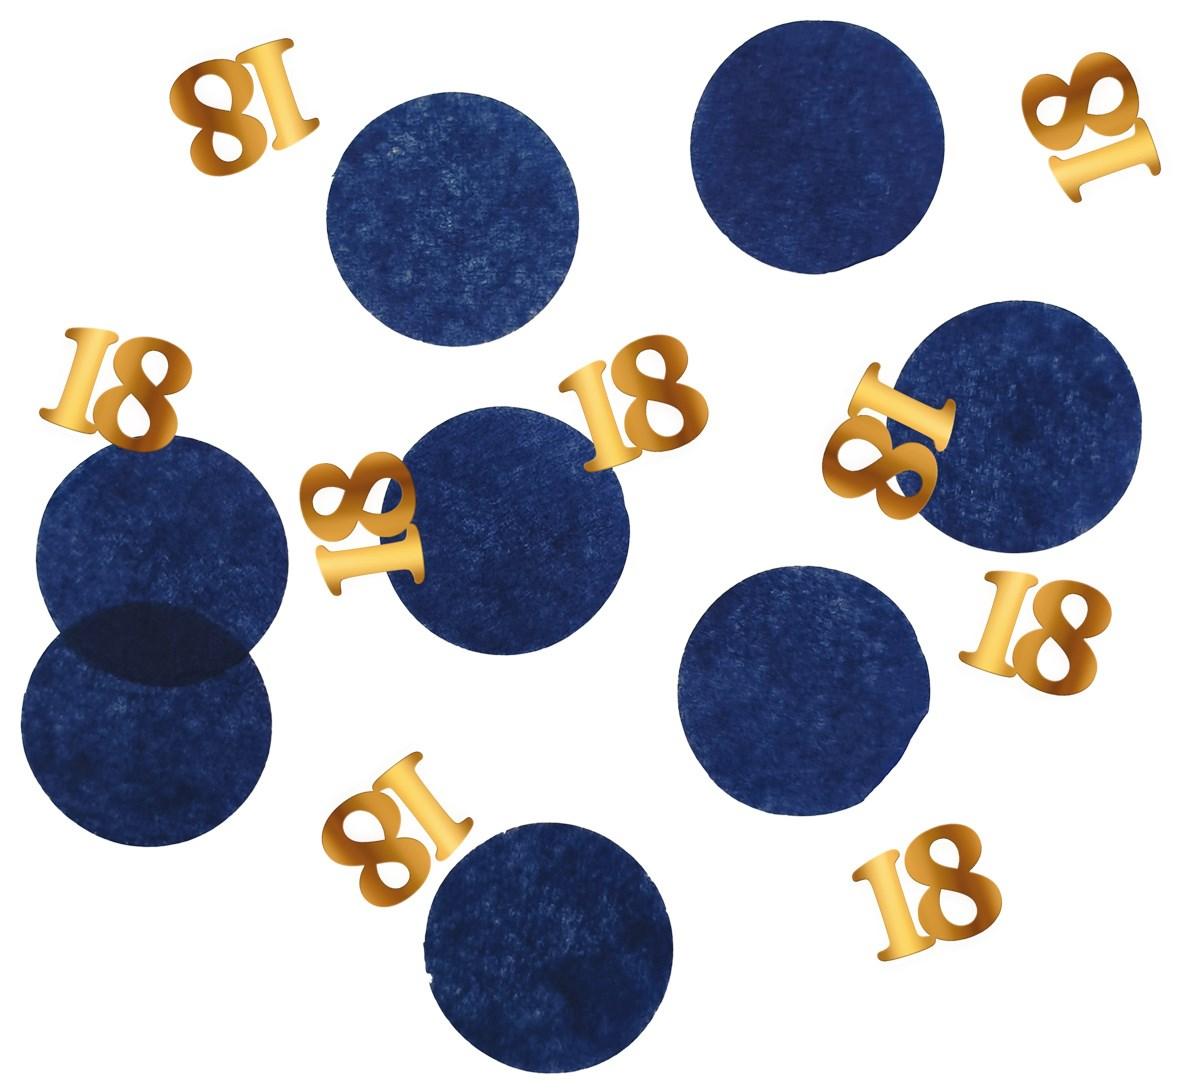 Tabledeco/confetti 18 Year Elegant True Blue 25gr 1